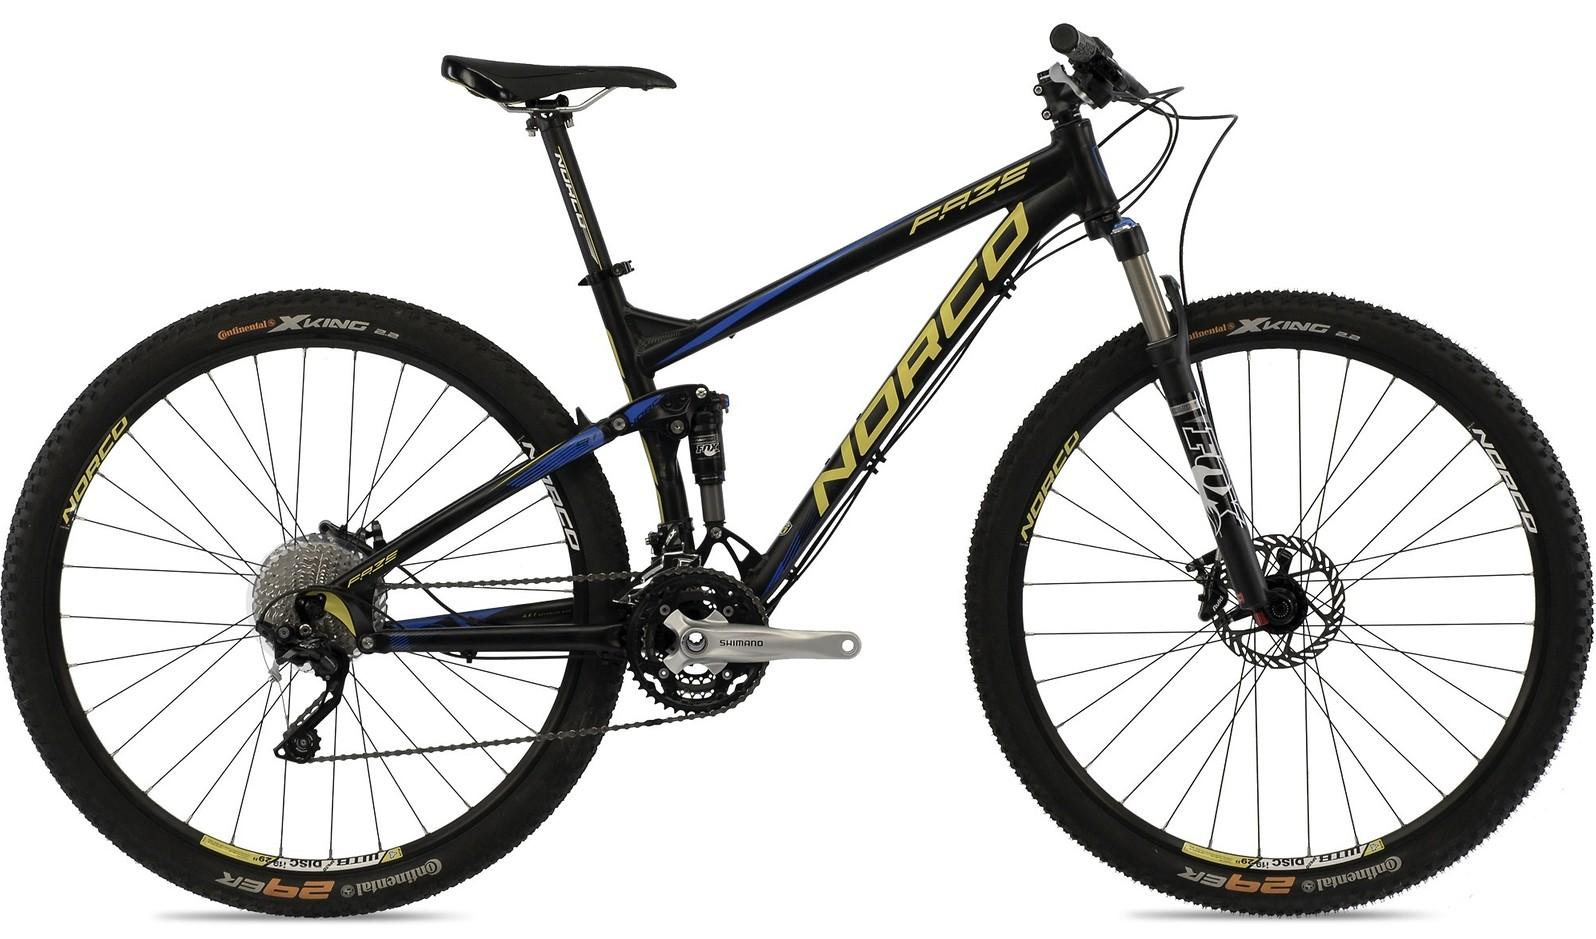 bike - 2014 Norco Faze 9.1